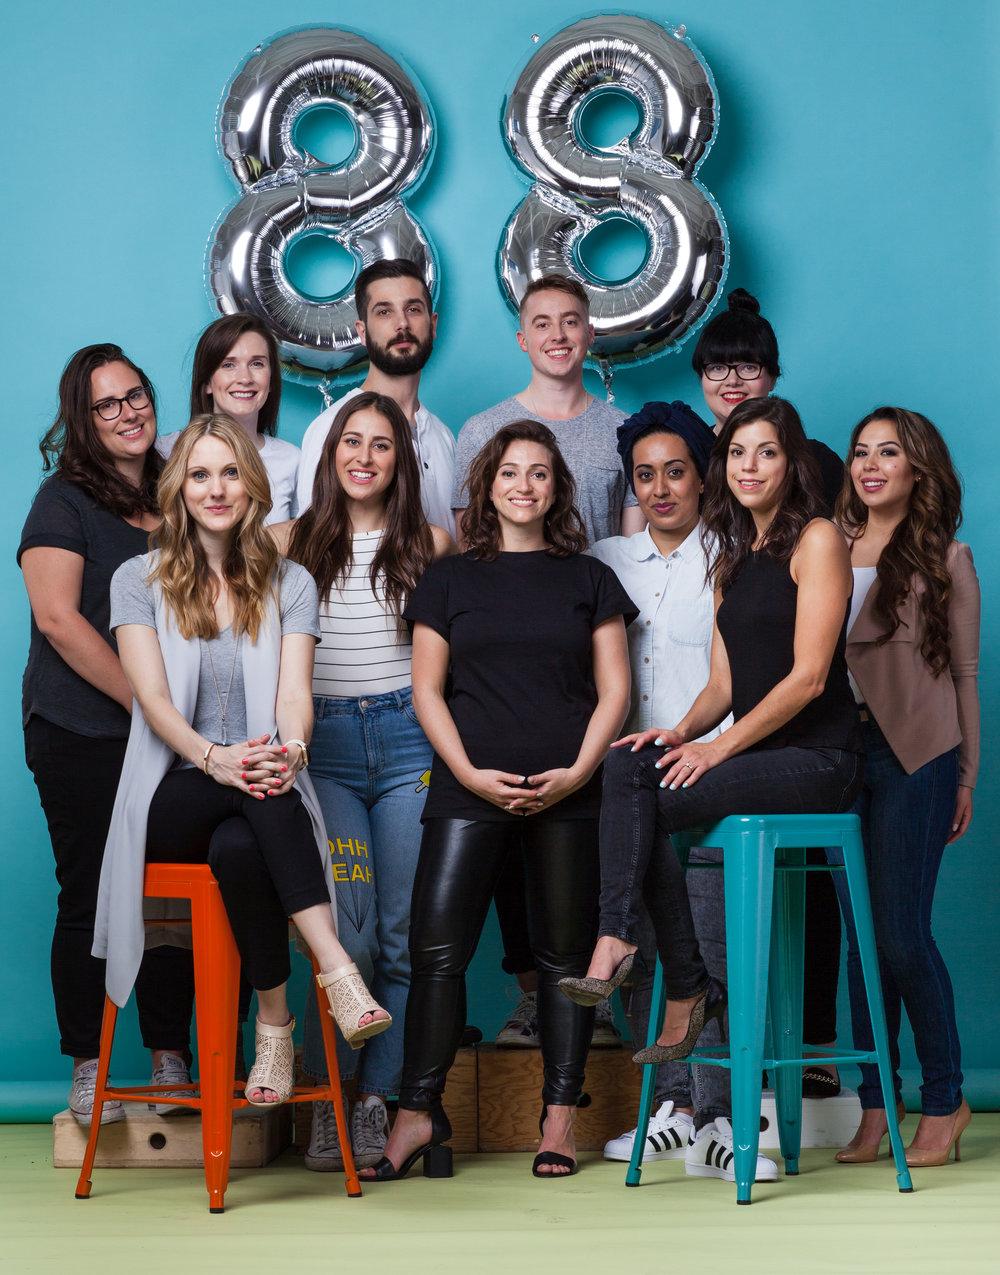 Eighty Eight Agency - Photo by: Regina Garcia